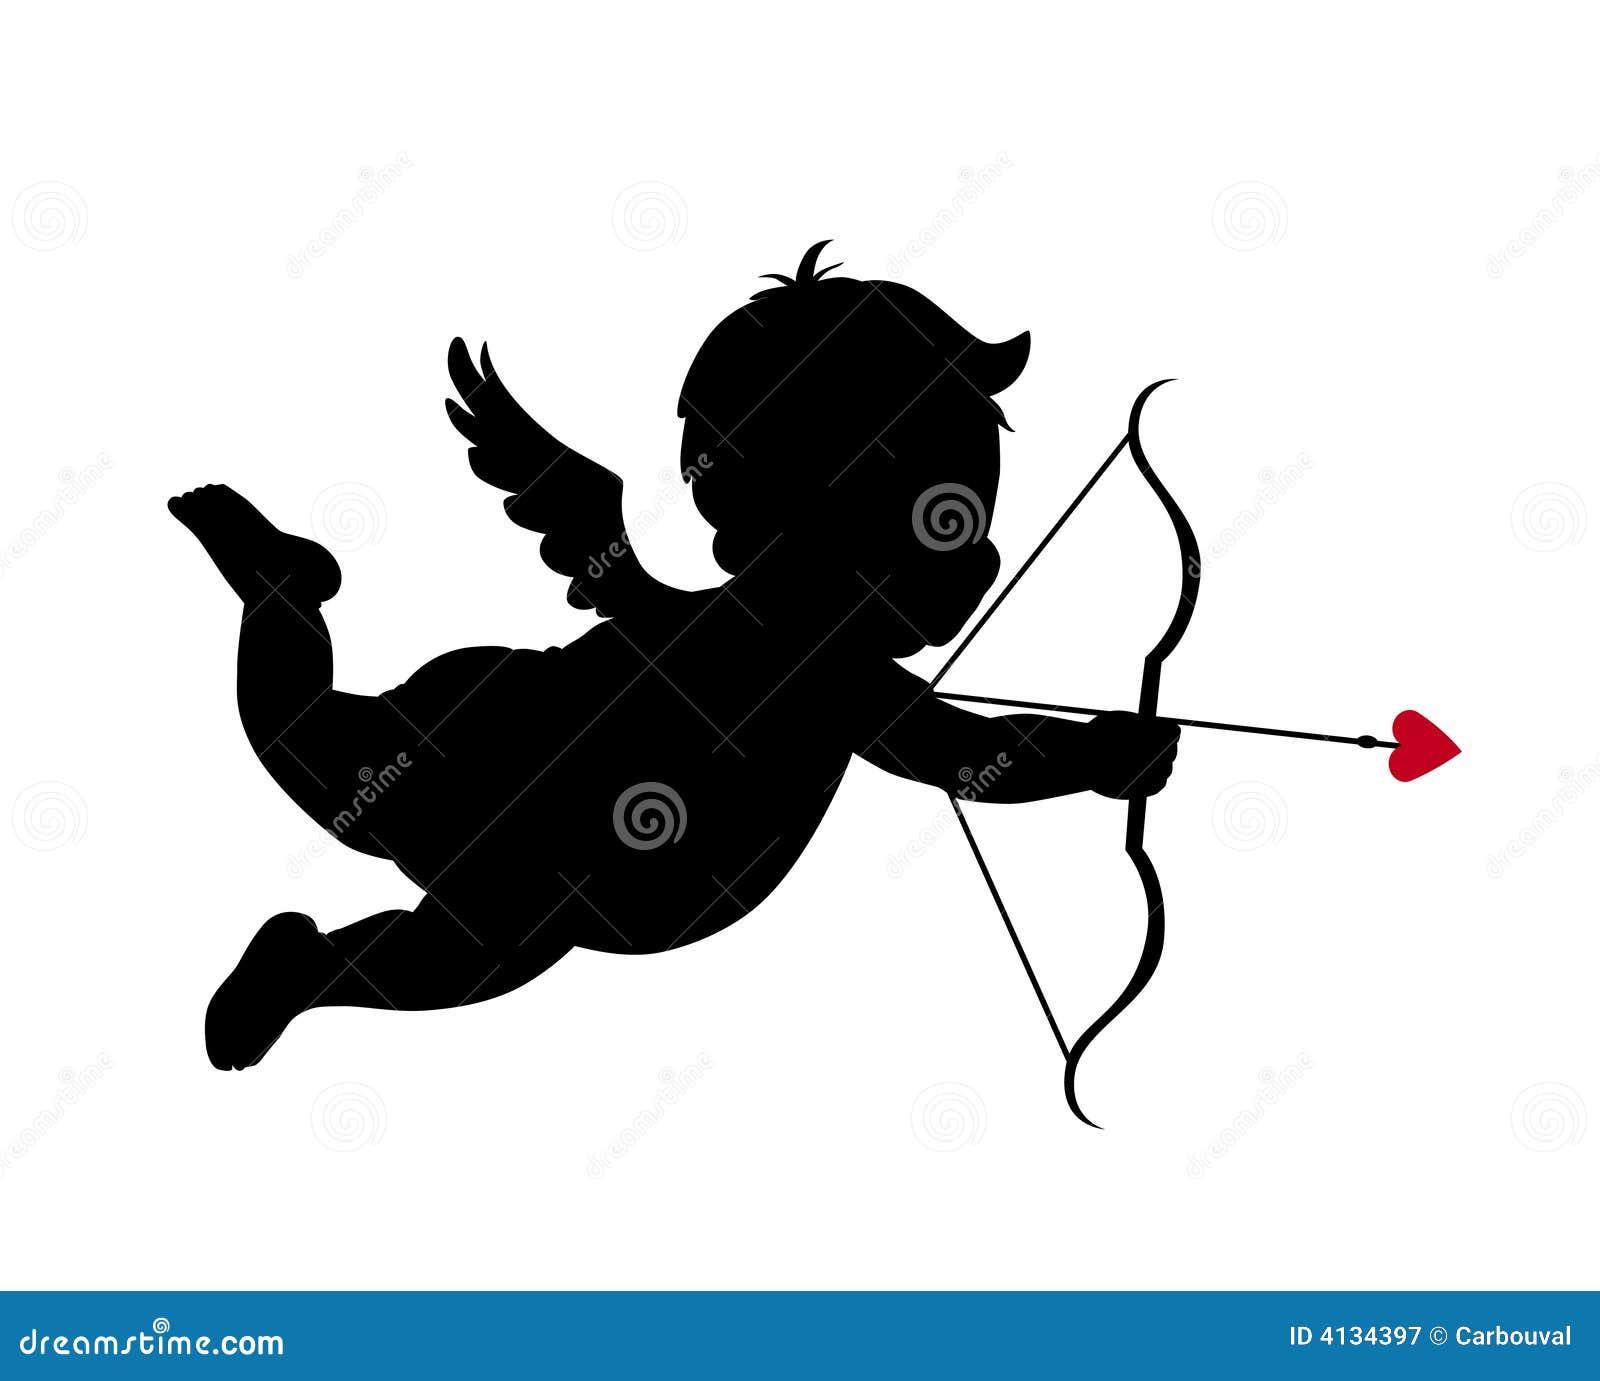 Silhouette de cupidon illustration de vecteur illustration du mariage 4134397 - Image de cupidon gratuite ...